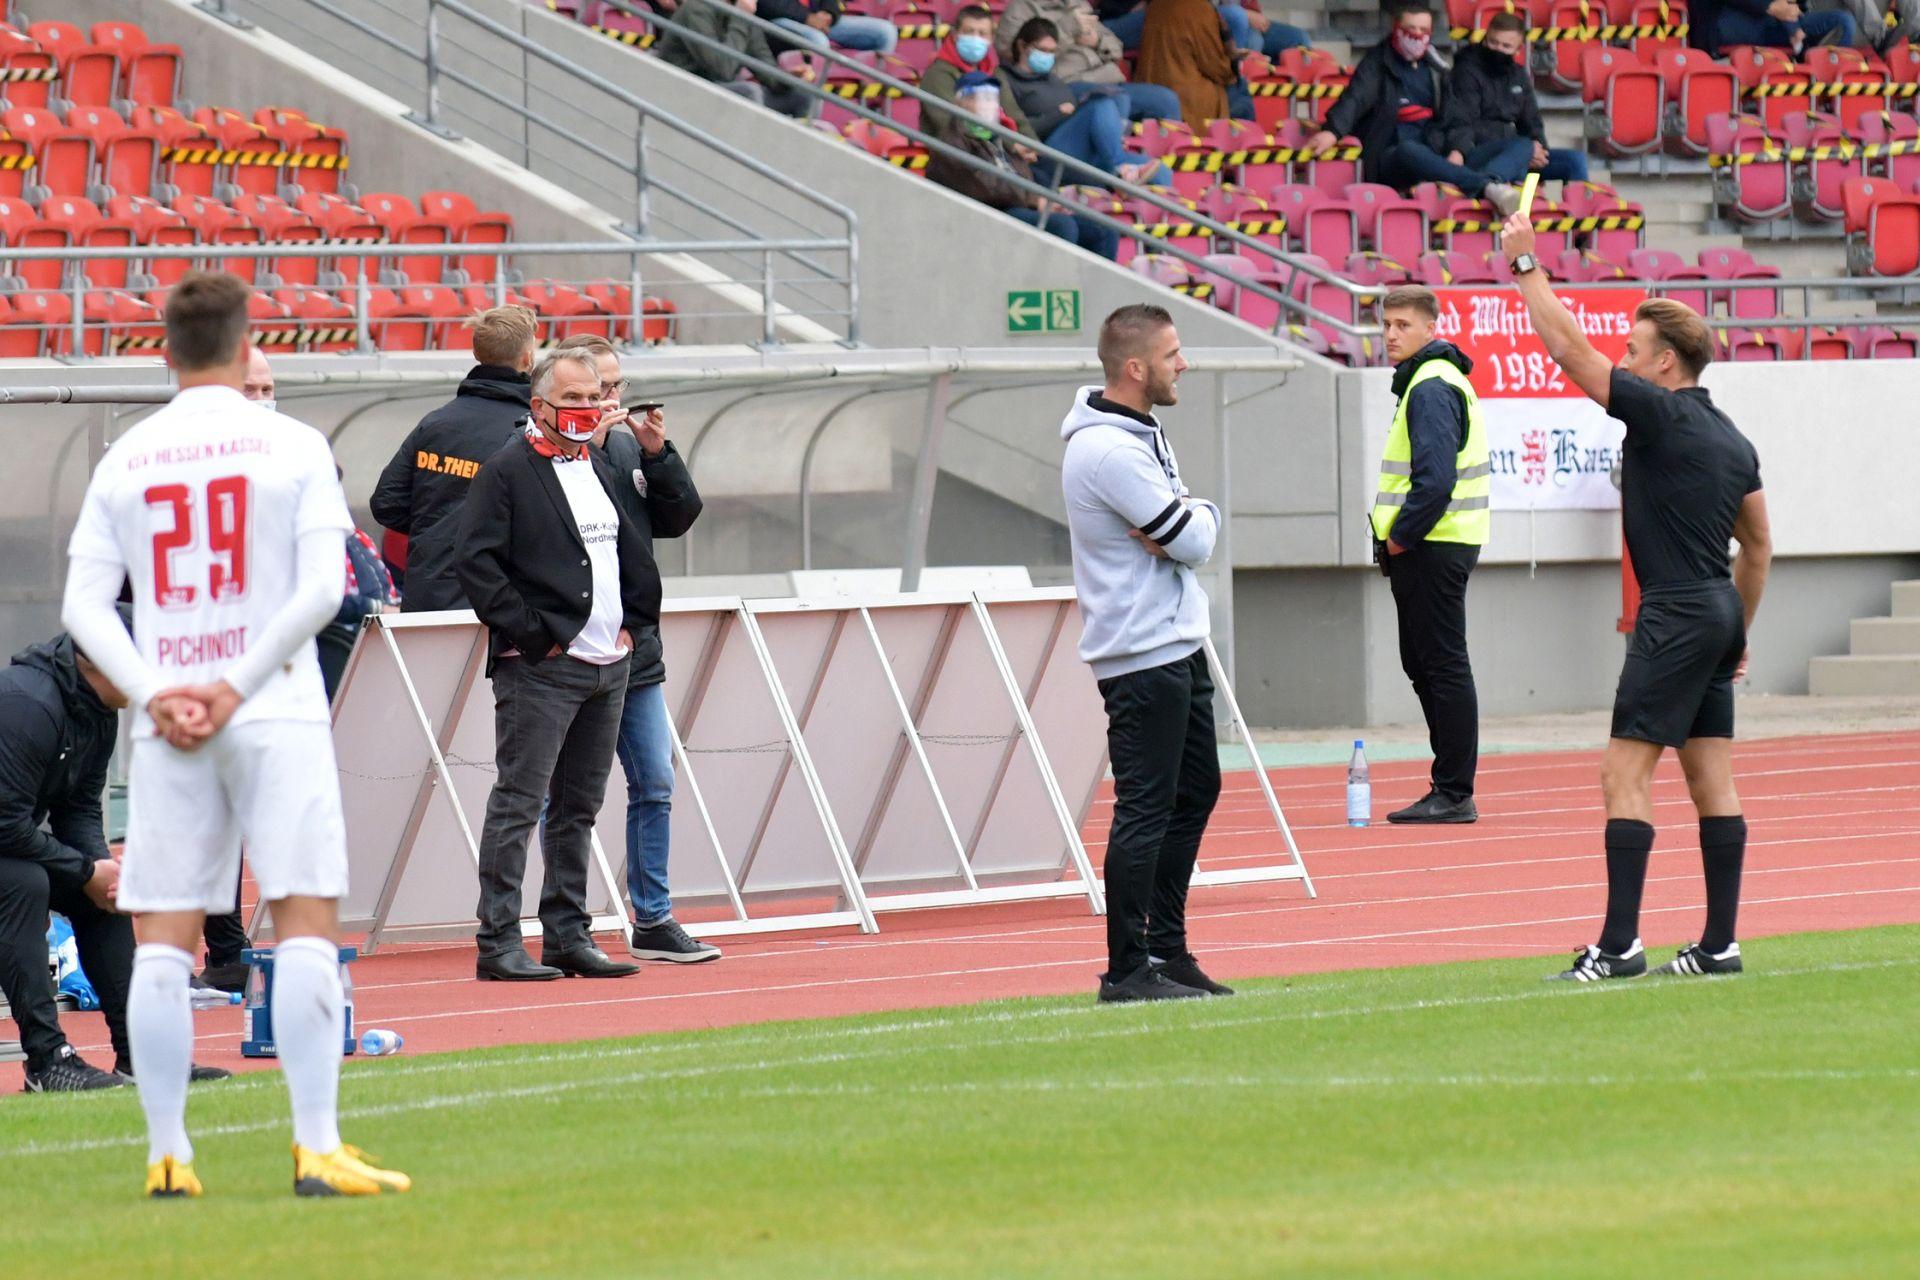 Trainer Tobias Damm an der Seitenlinie, Jens Rose, Regionalliga Südwest 2020/21, KSV Hessen Kassel, FC 08 Homburg, Endstand 0:1